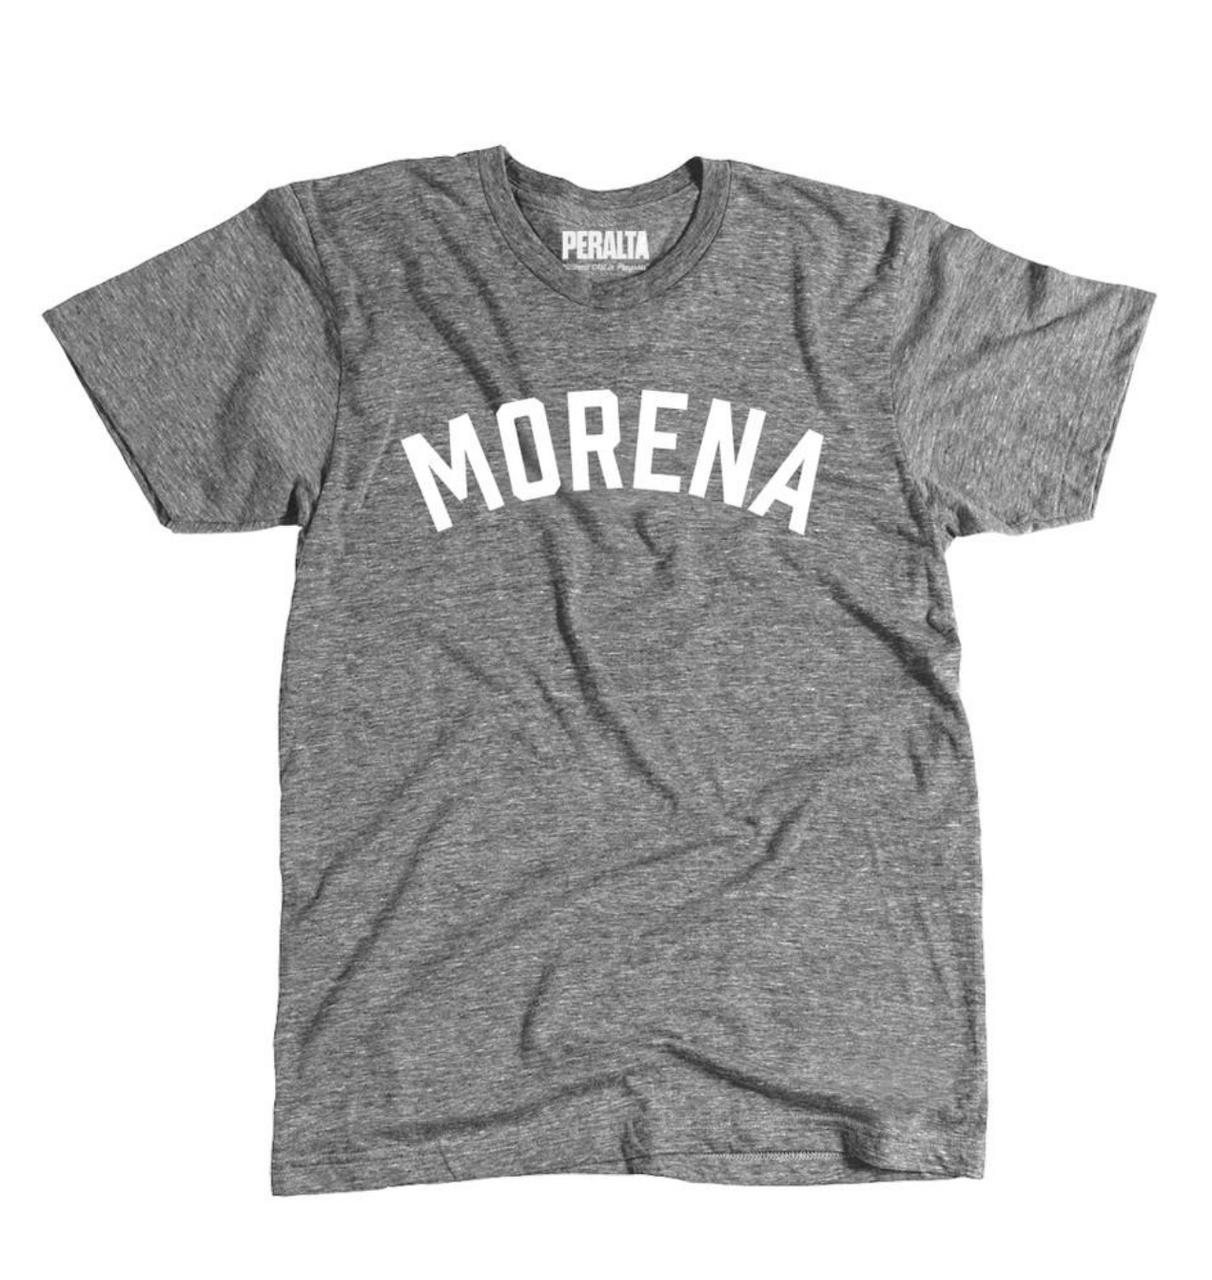 Peralta Project 'Morena' T-Shirt